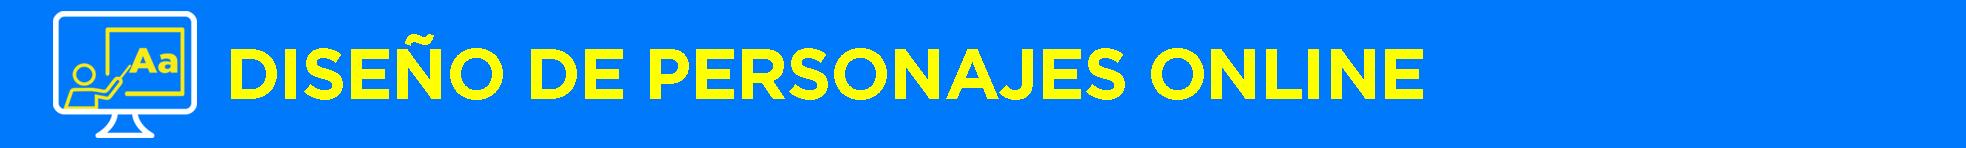 Banner título Diseño de Personajes Online